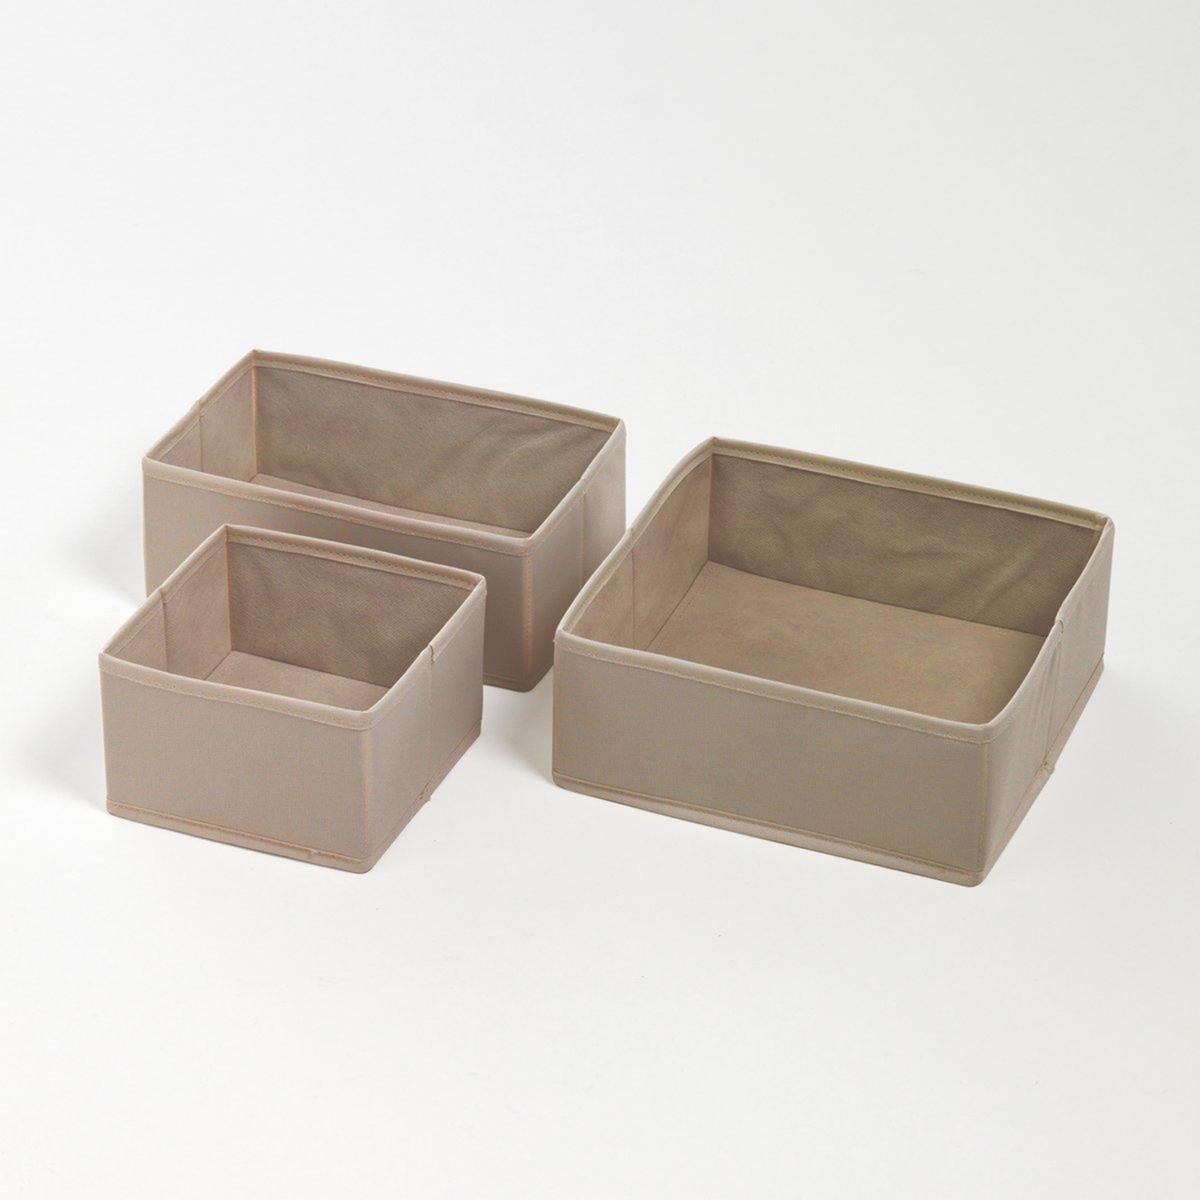 Комплект из 3 складных коробок для хранения вещей, 3 размера